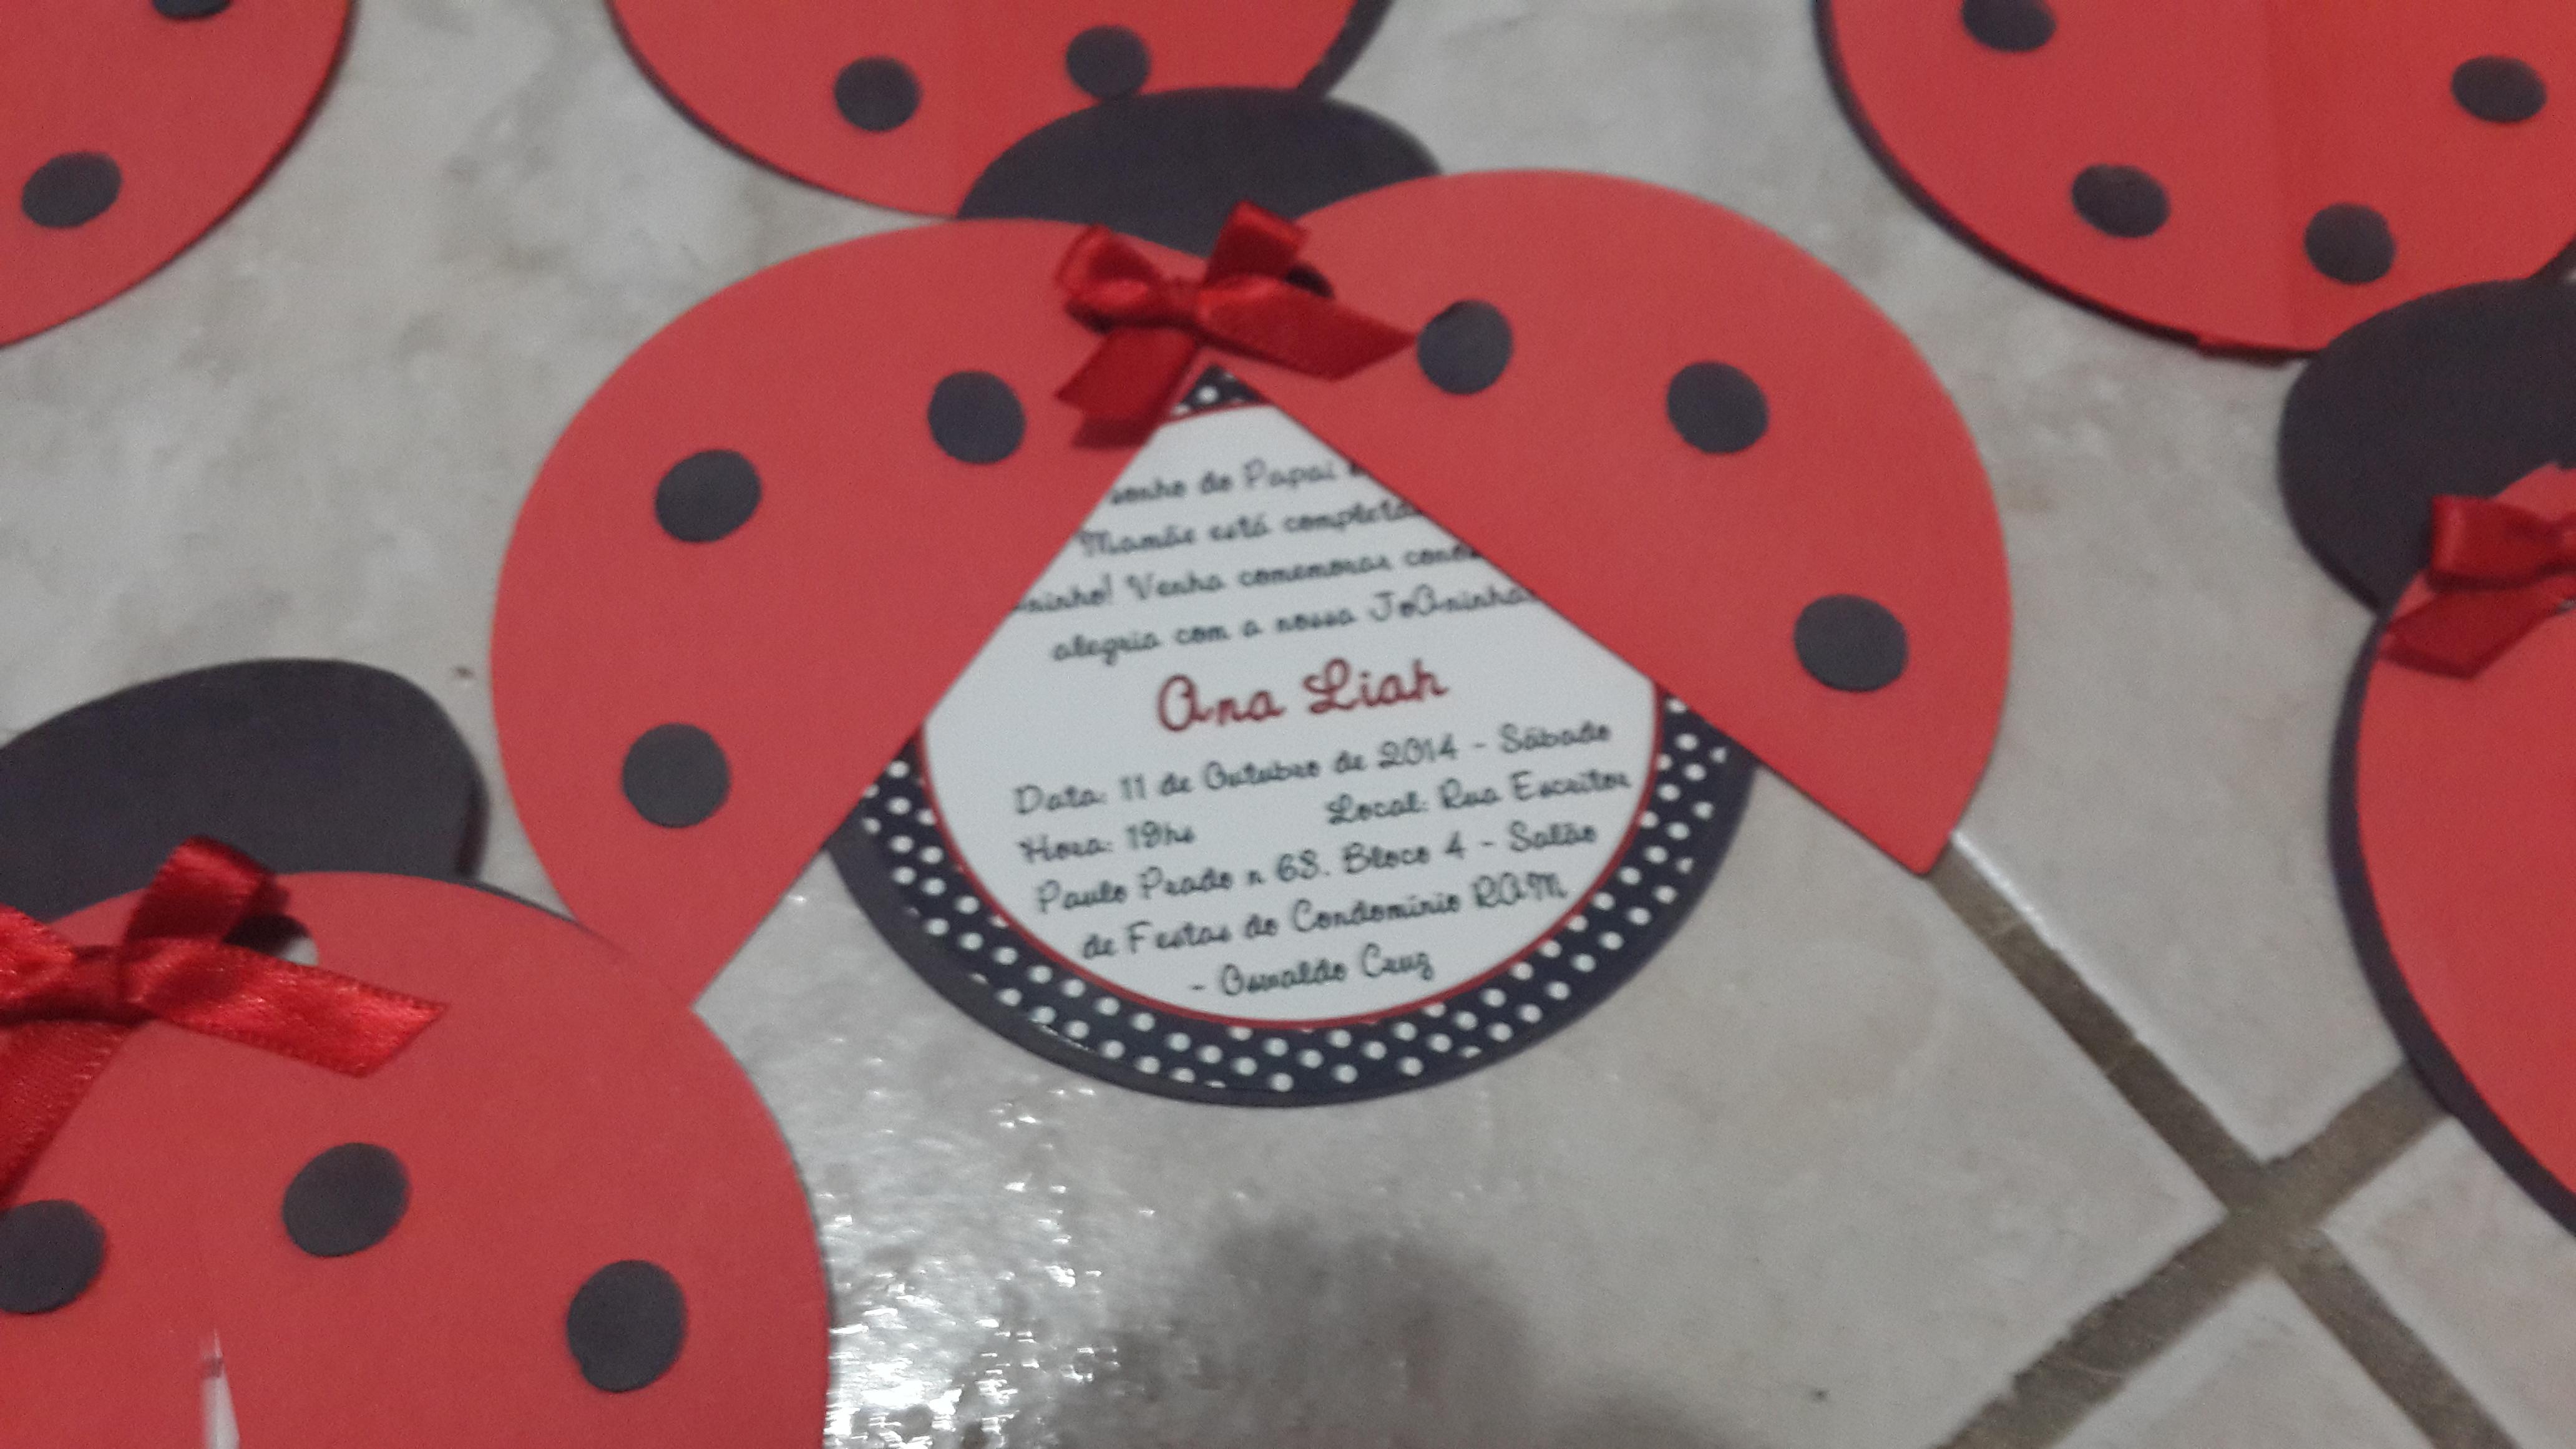 Convite Joaninha No Elo7 Charminho 2cf9e9